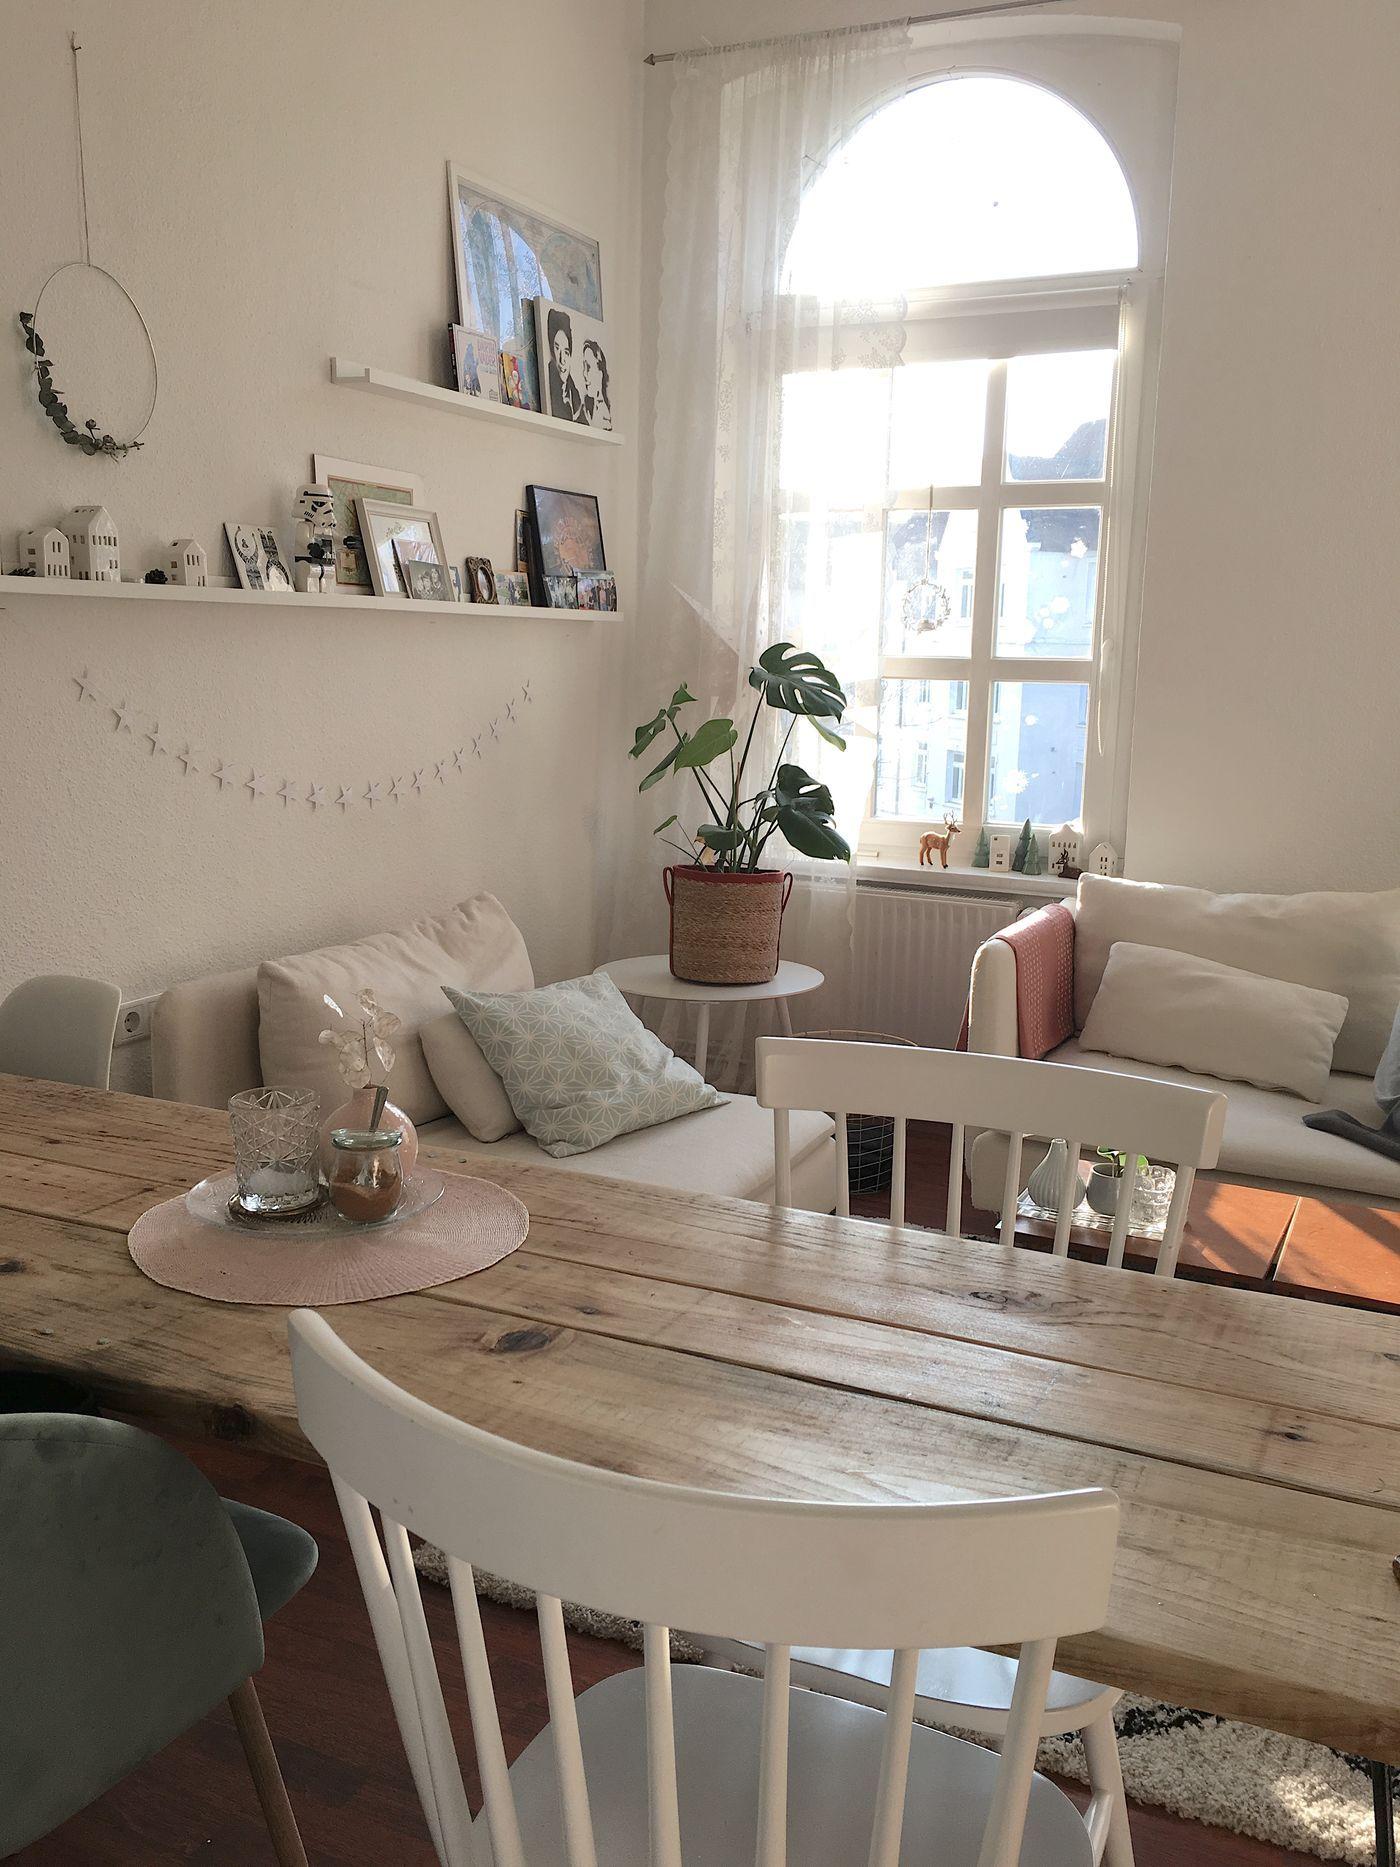 wandgestaltung mit der ikea ribba mosslanda bilderleiste. Black Bedroom Furniture Sets. Home Design Ideas